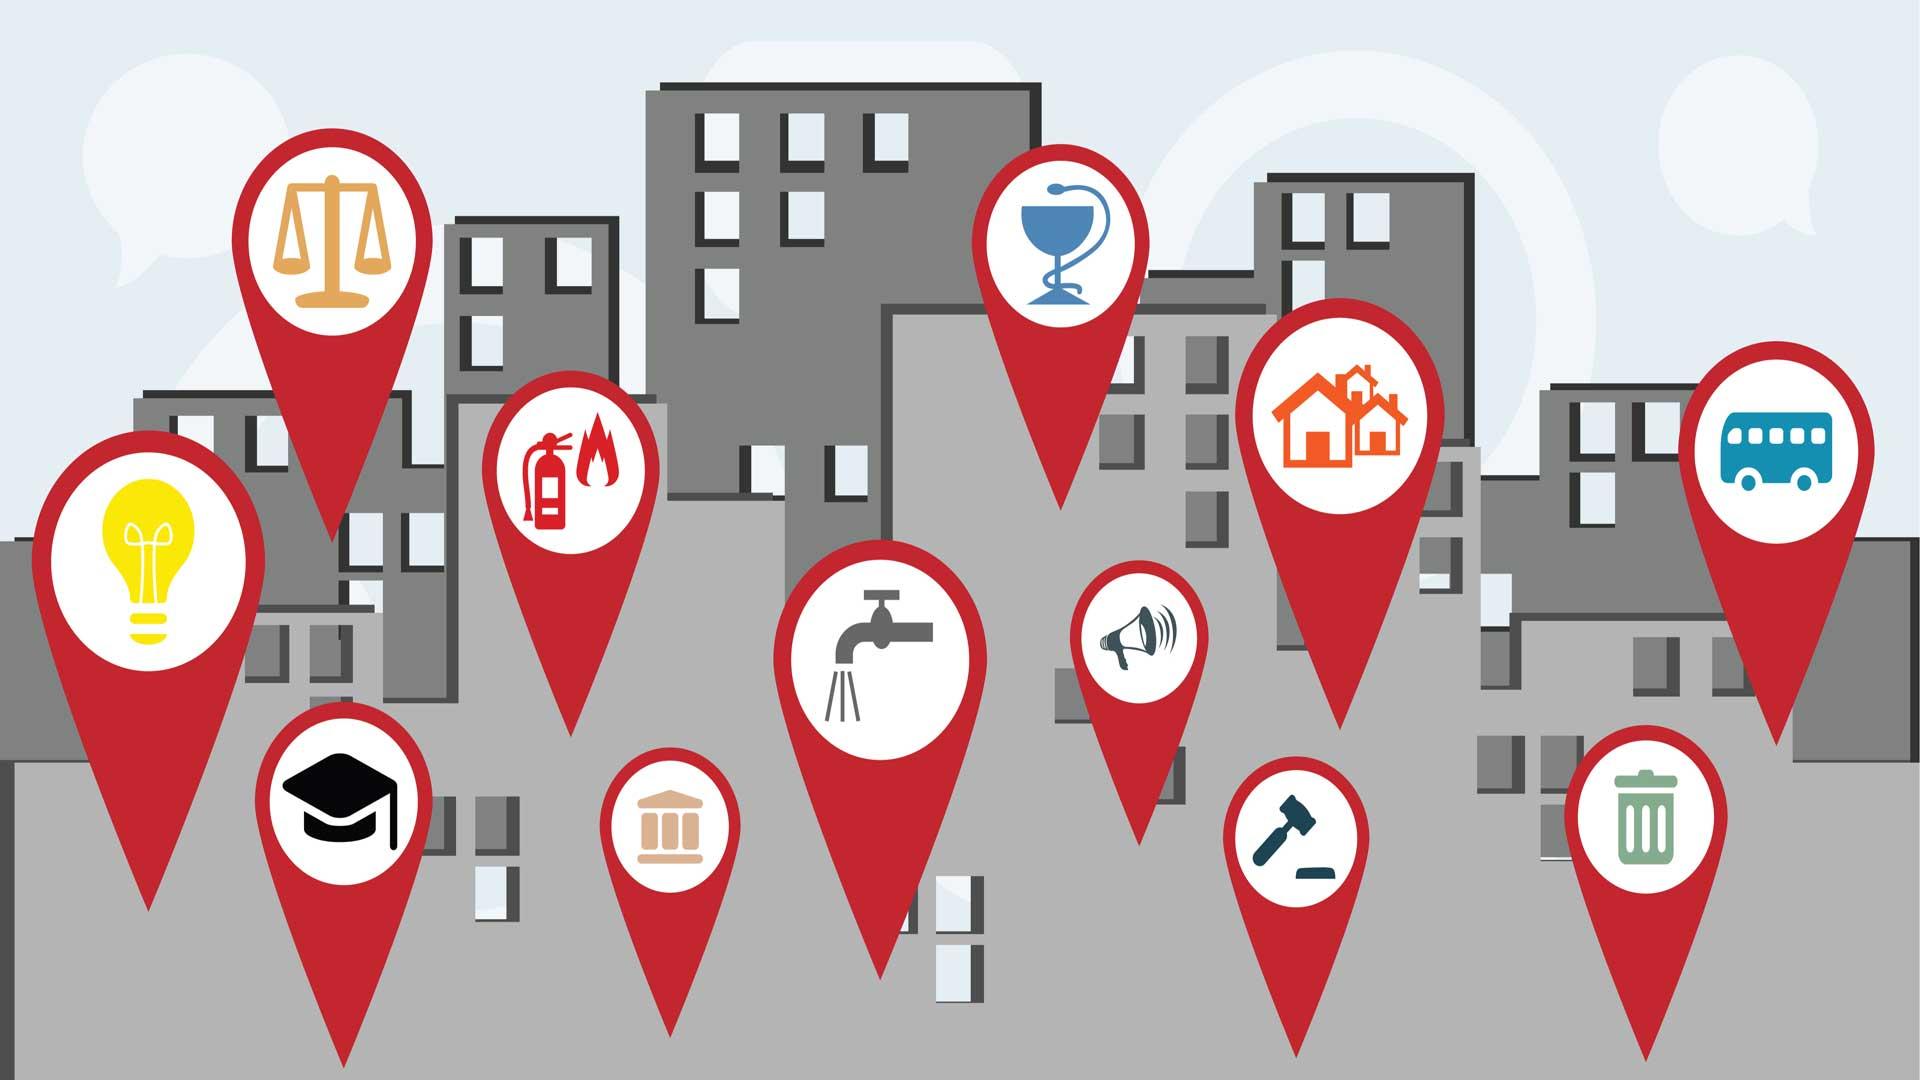 Belediyelerde GEODI ve MOBIDI Çözümleri